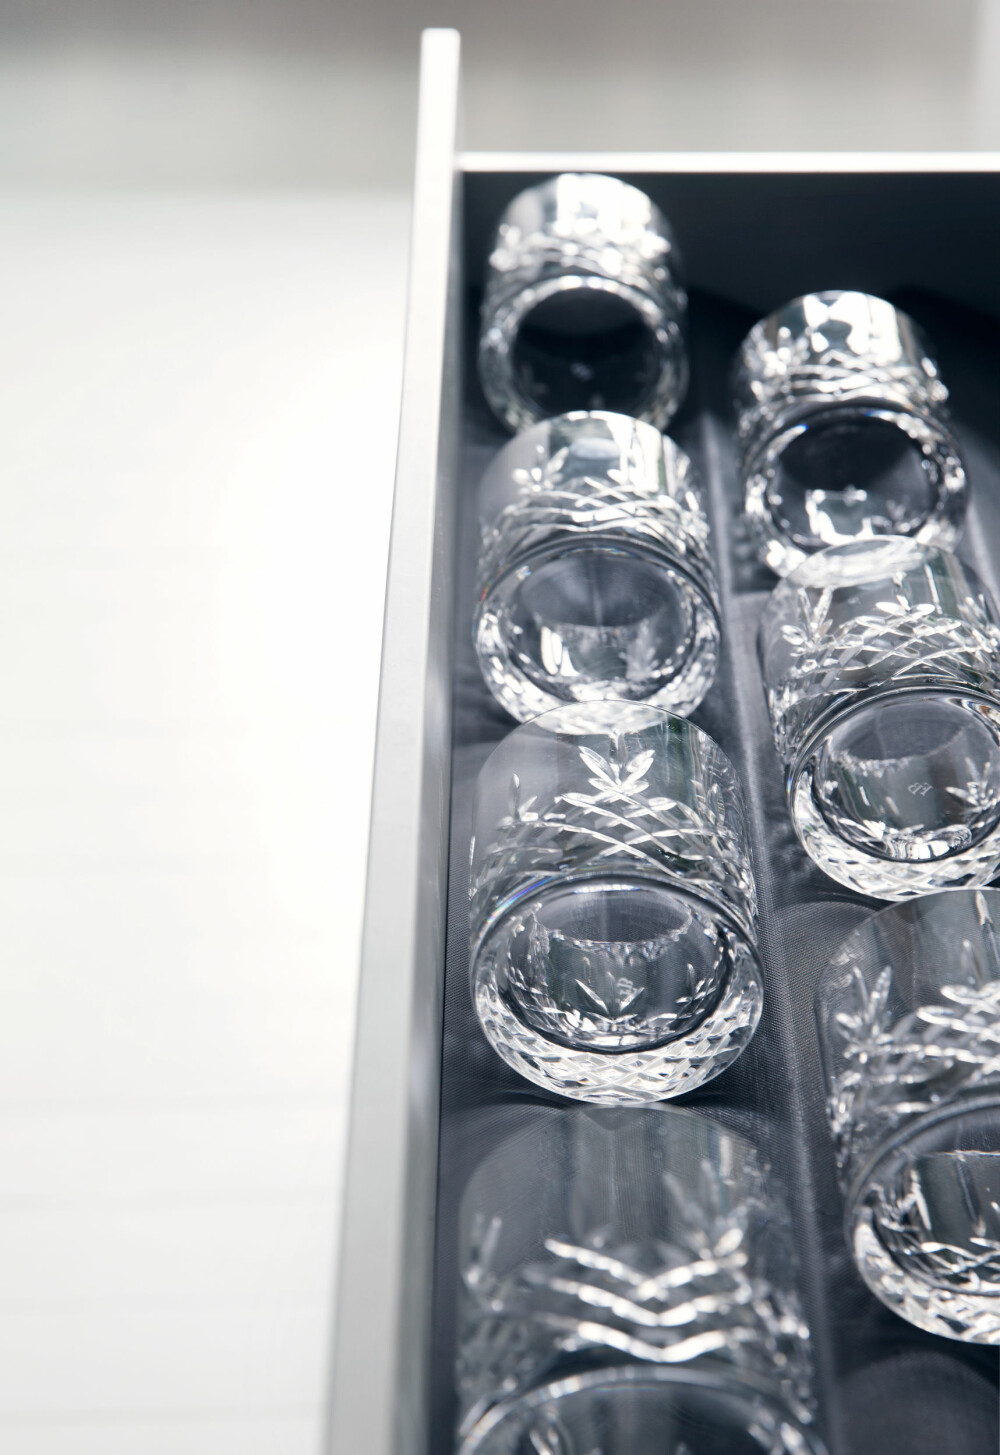 GLASSKUFF: Gamle krystallglass har fått plass i en skuff. Praktisk og annerledes.